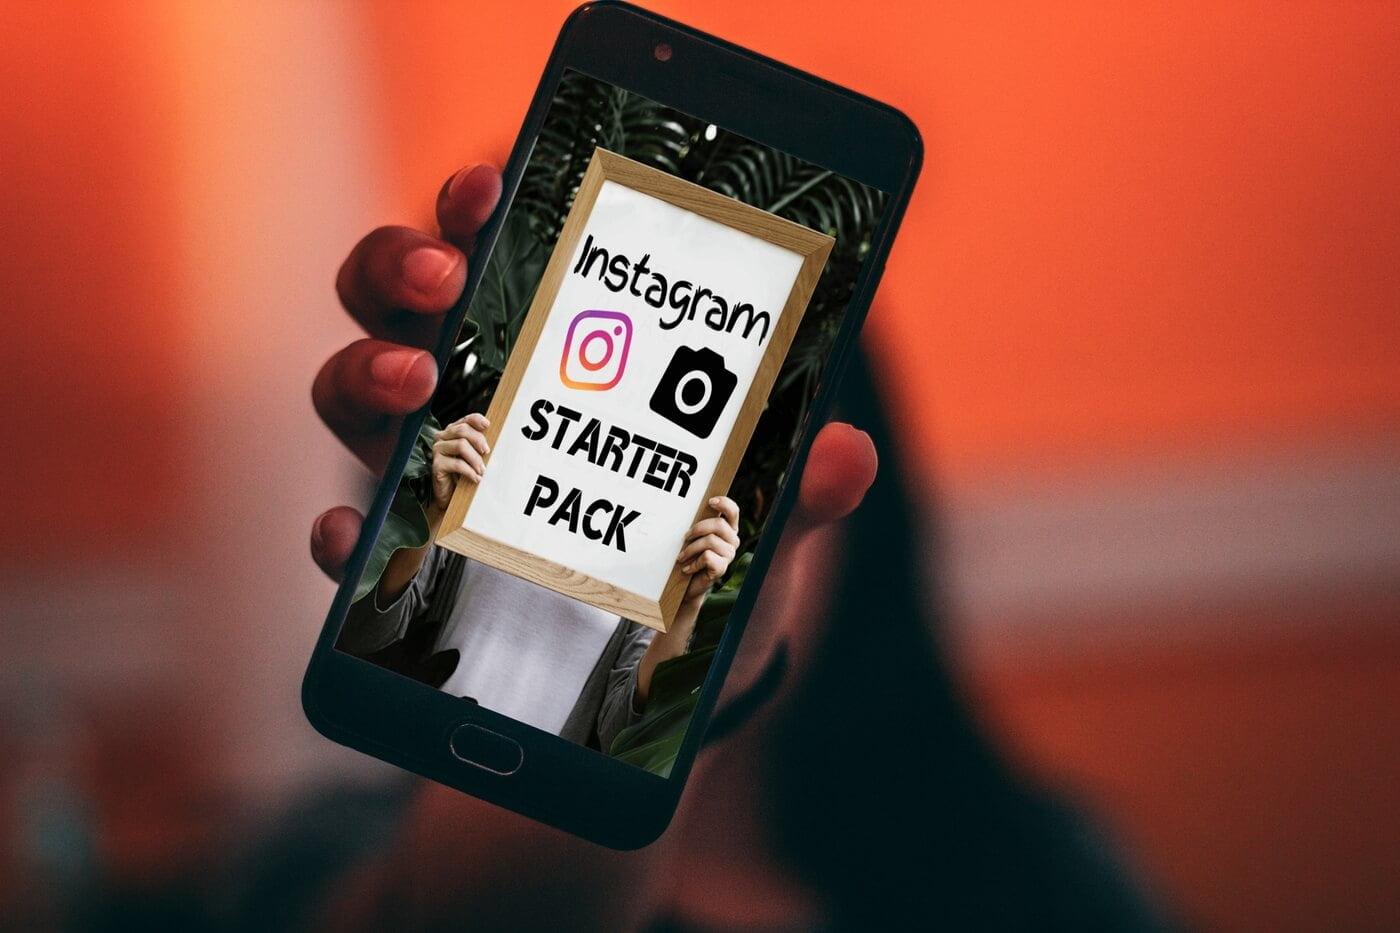 make money online with Instagram